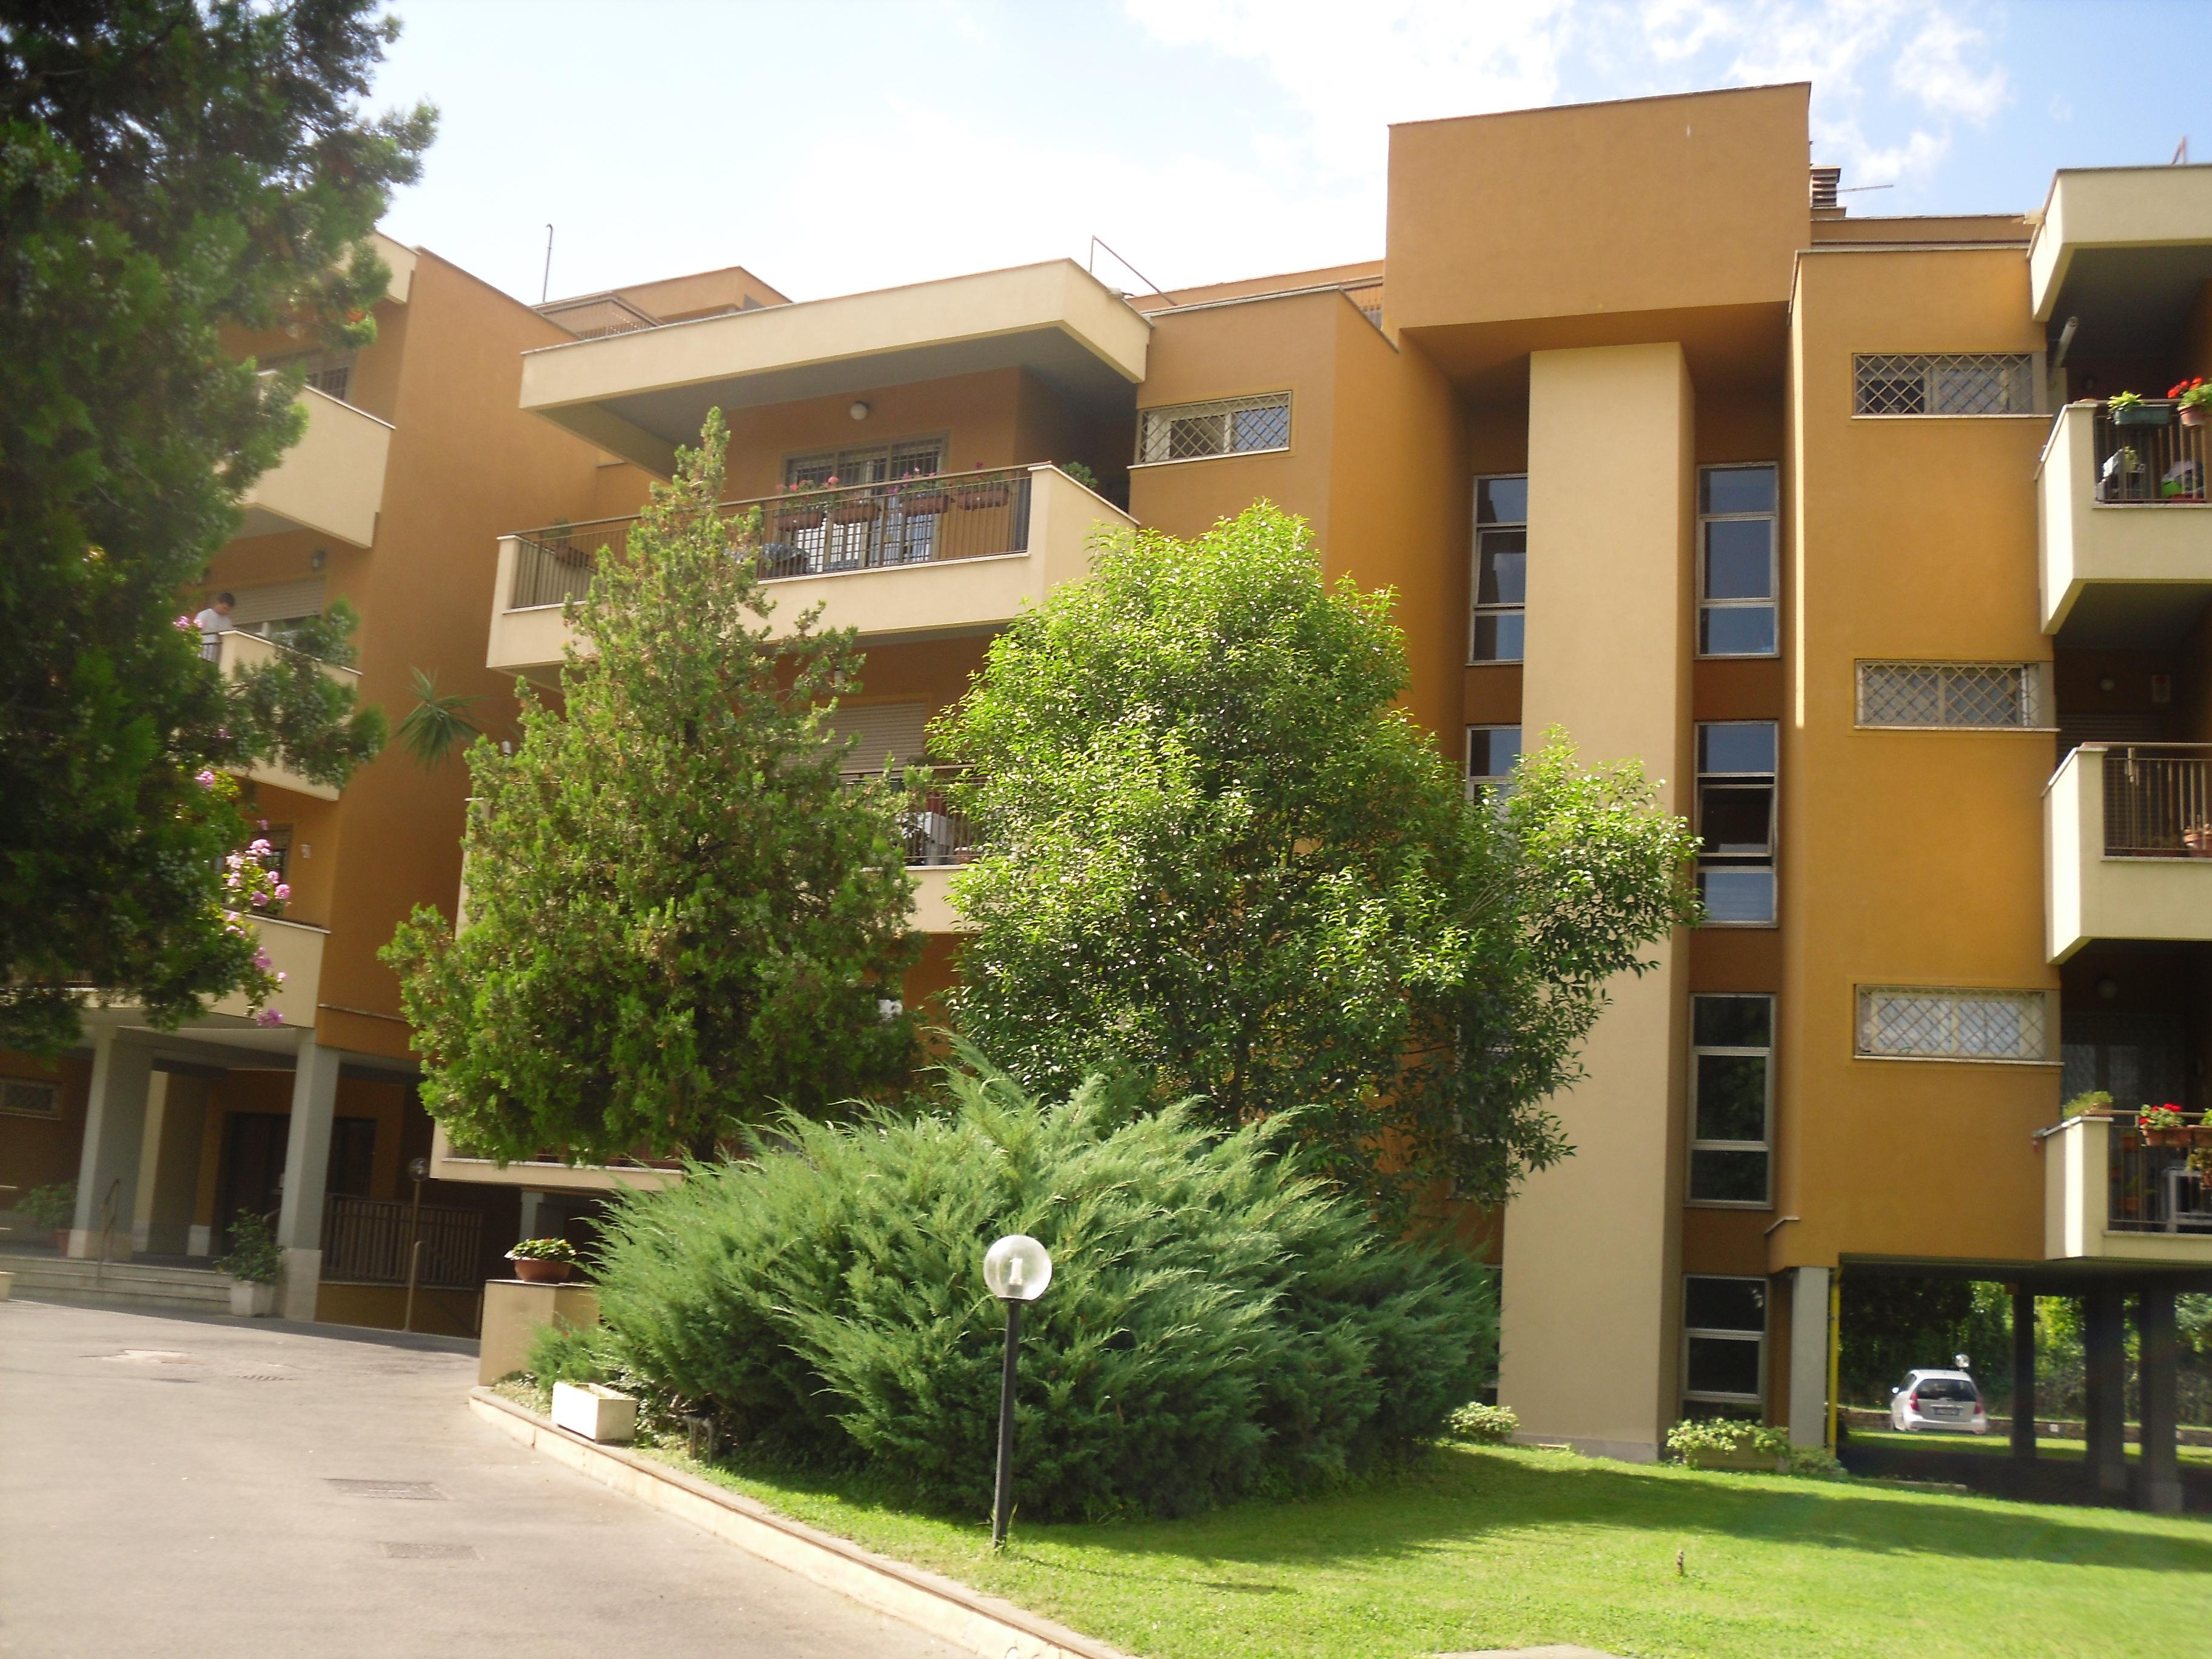 Roma,DEL CASALE SANTARELLI 41,3 Camere da letto Camere da letto,4 Locali Locali,2 BagniBagni,Appartamento,DEL CASALE SANTARELLI ,1,1043